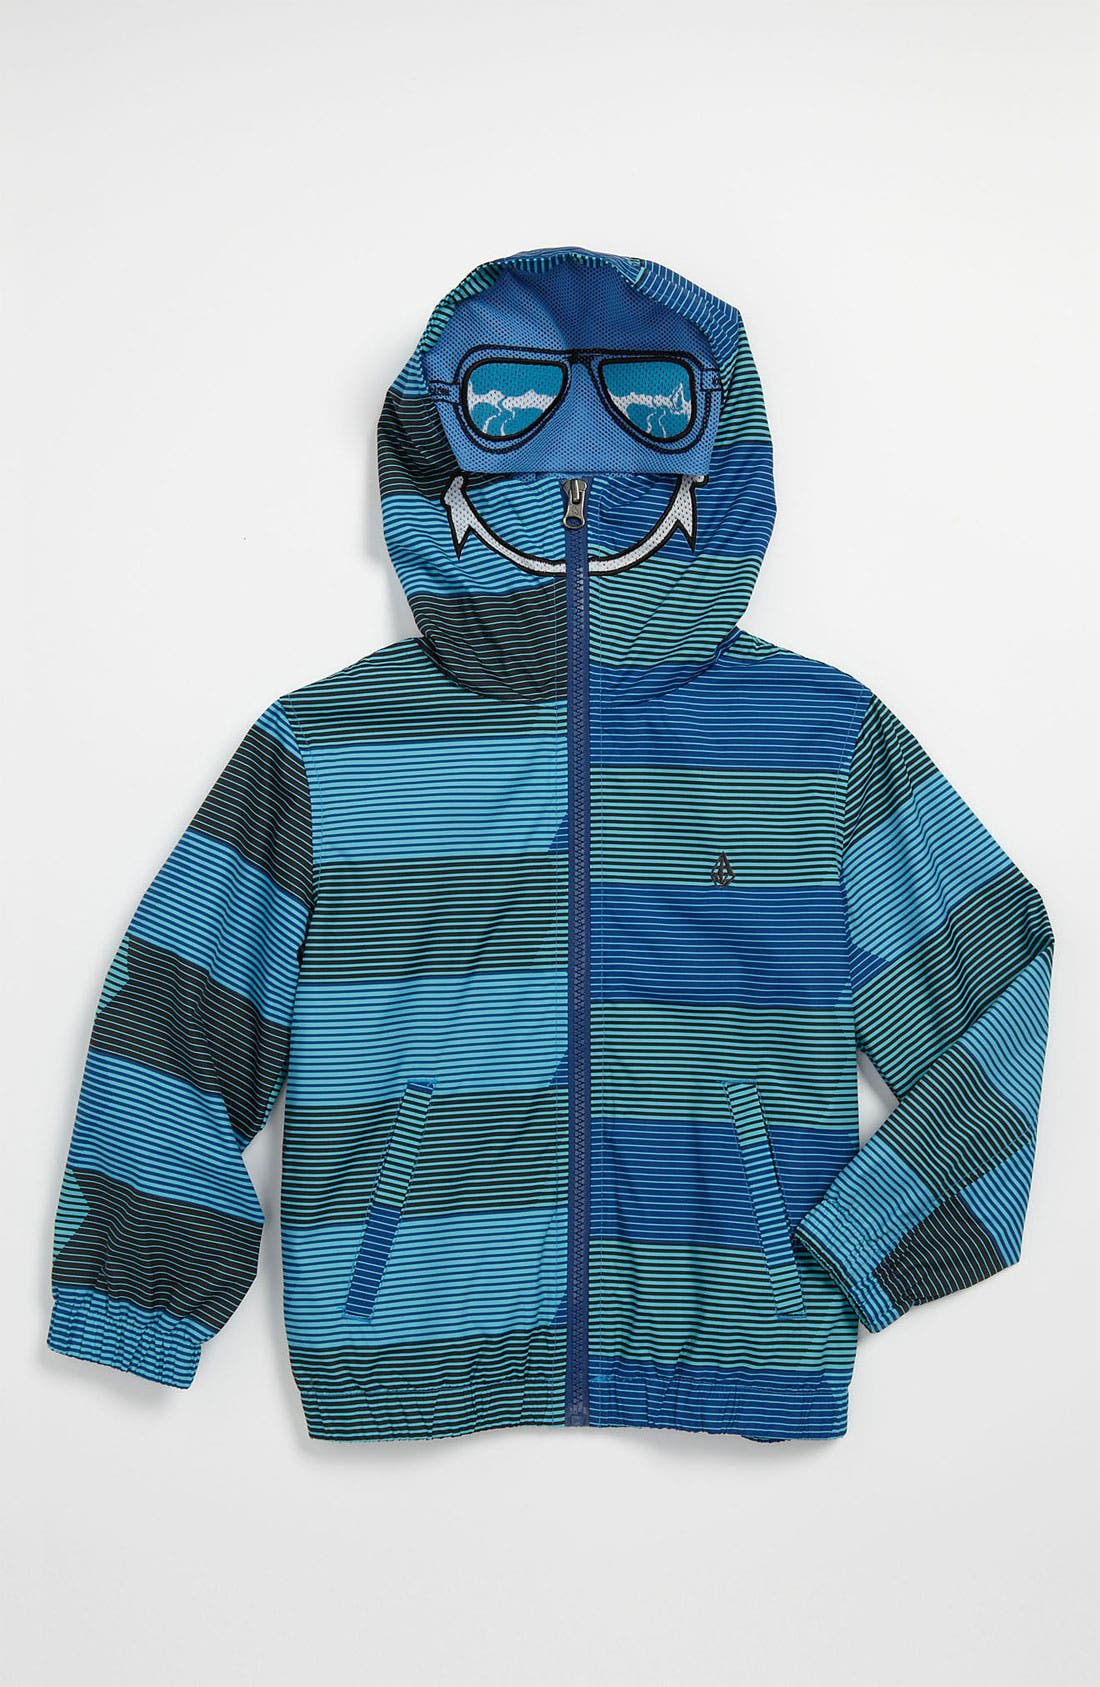 Main Image - Volcom 'Sonrisa' Jacket (Toddler)